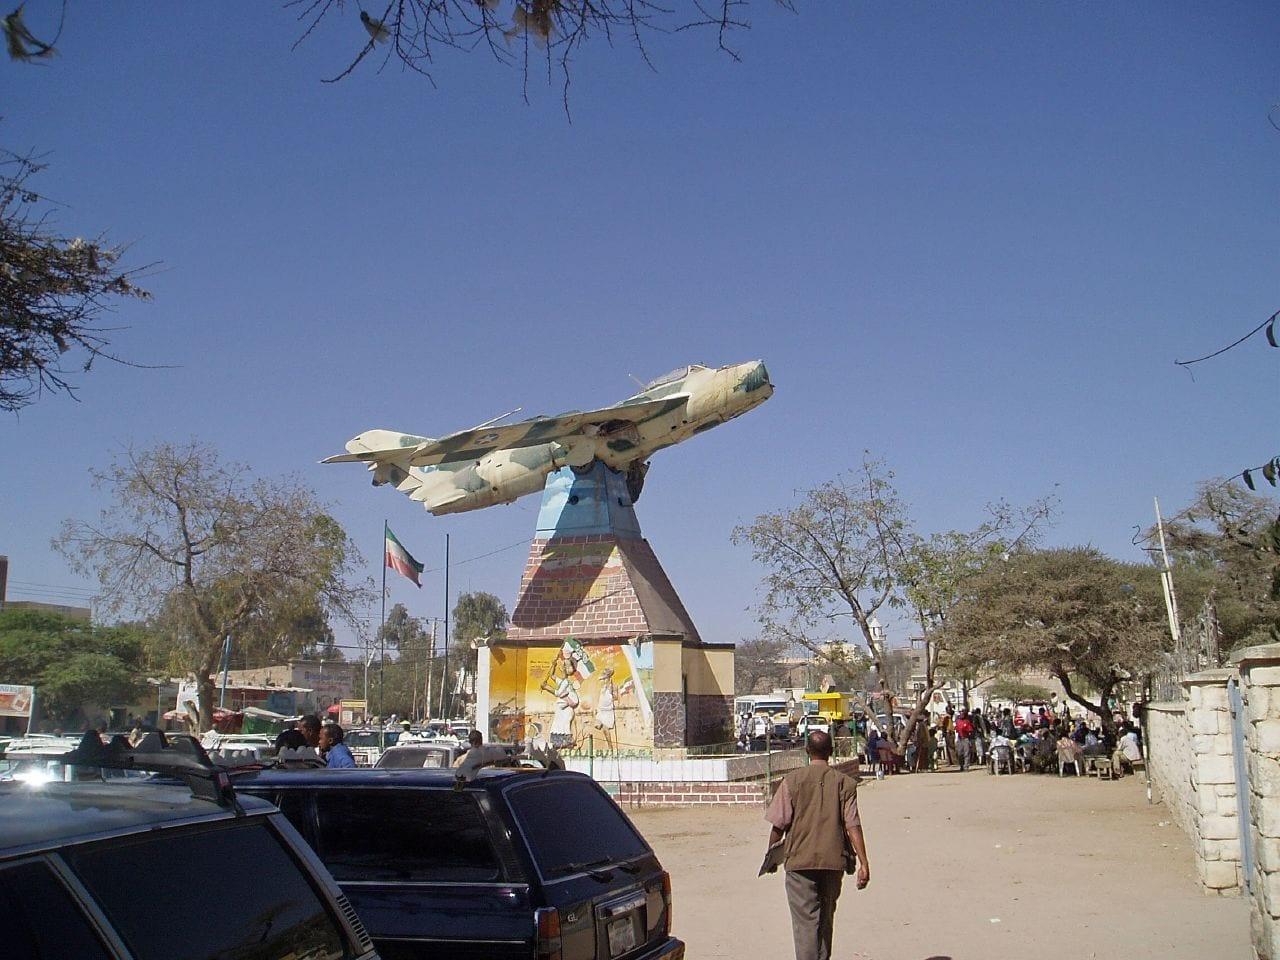 El memorial del MiG Jet Somalia